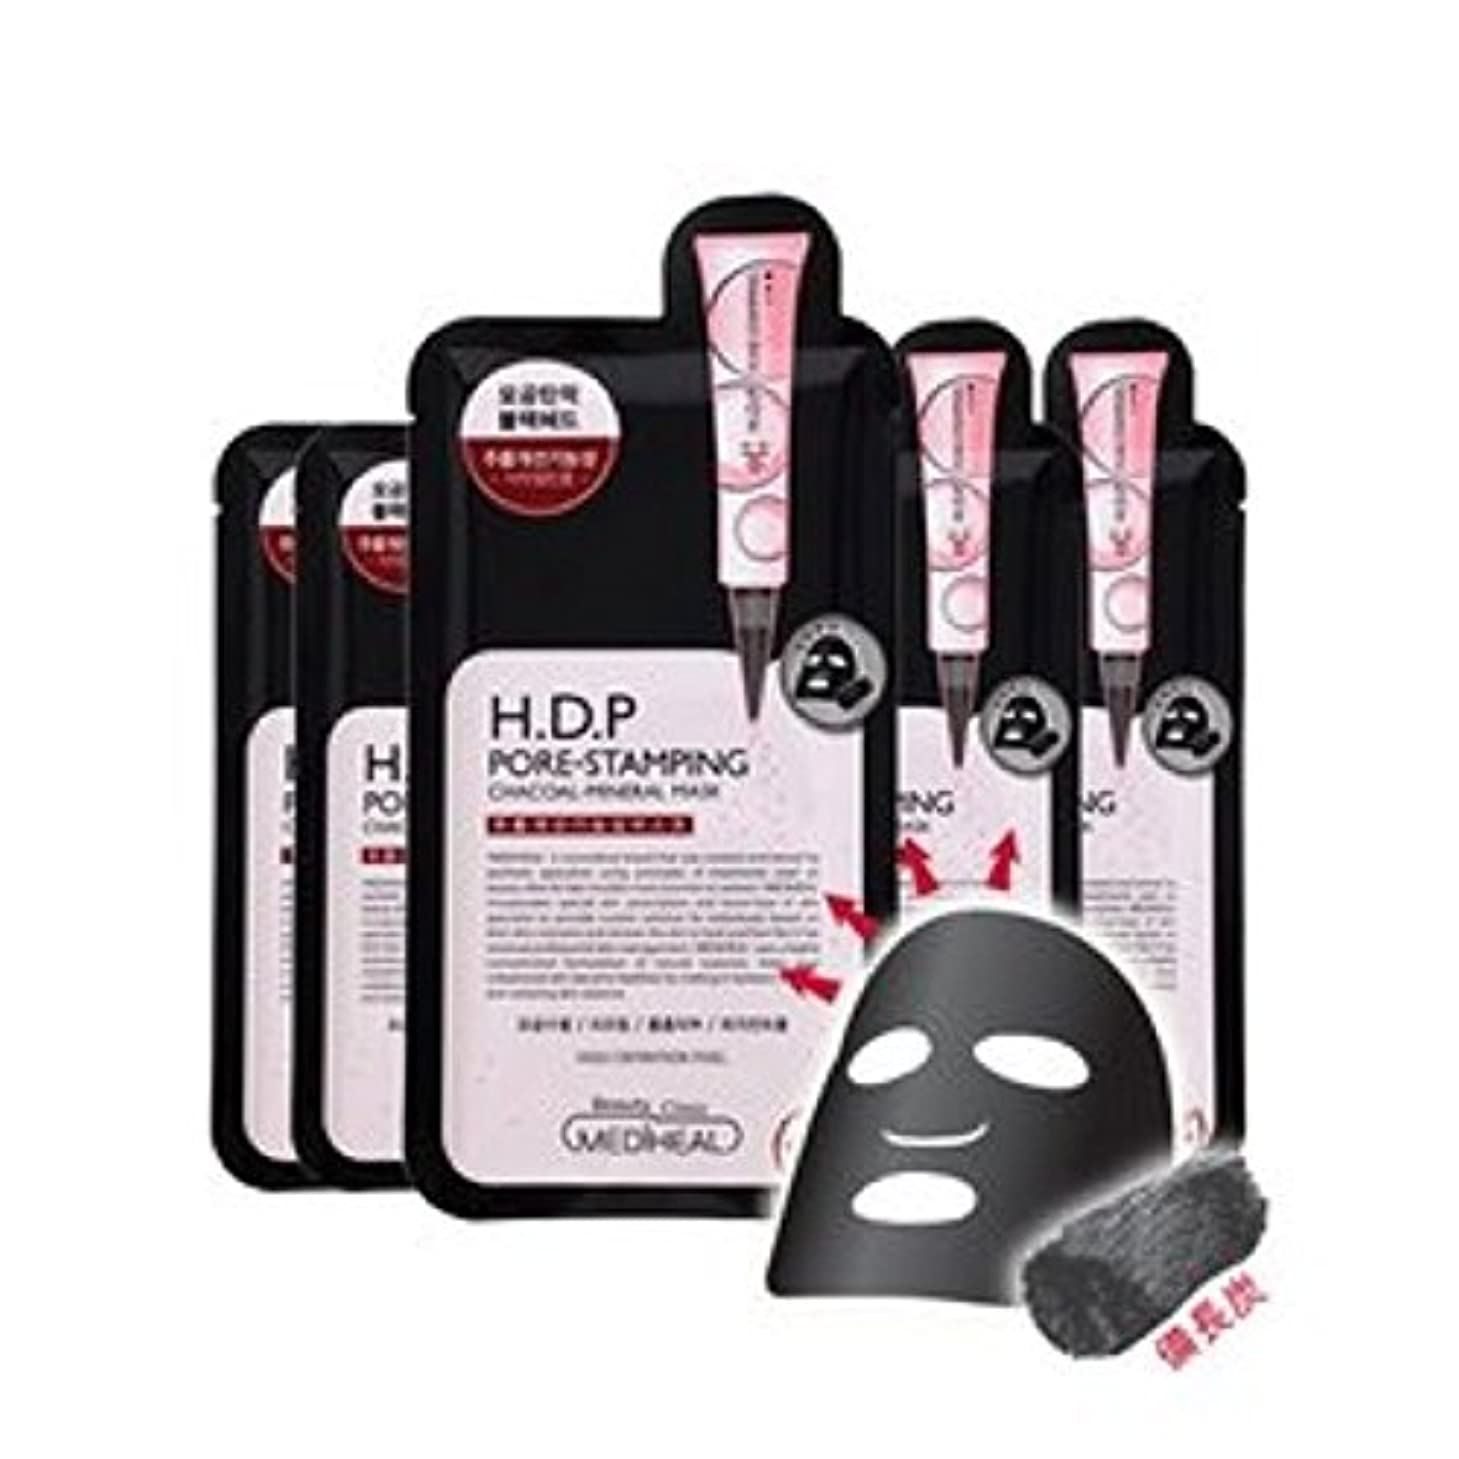 経済印象派不均一メディヒール(Mediheal) H.D.P 毛穴スタンプ炭ミネラルマスク Pore stamping Charcoal mineral mask (10枚) [海外直送品][並行輸入品]